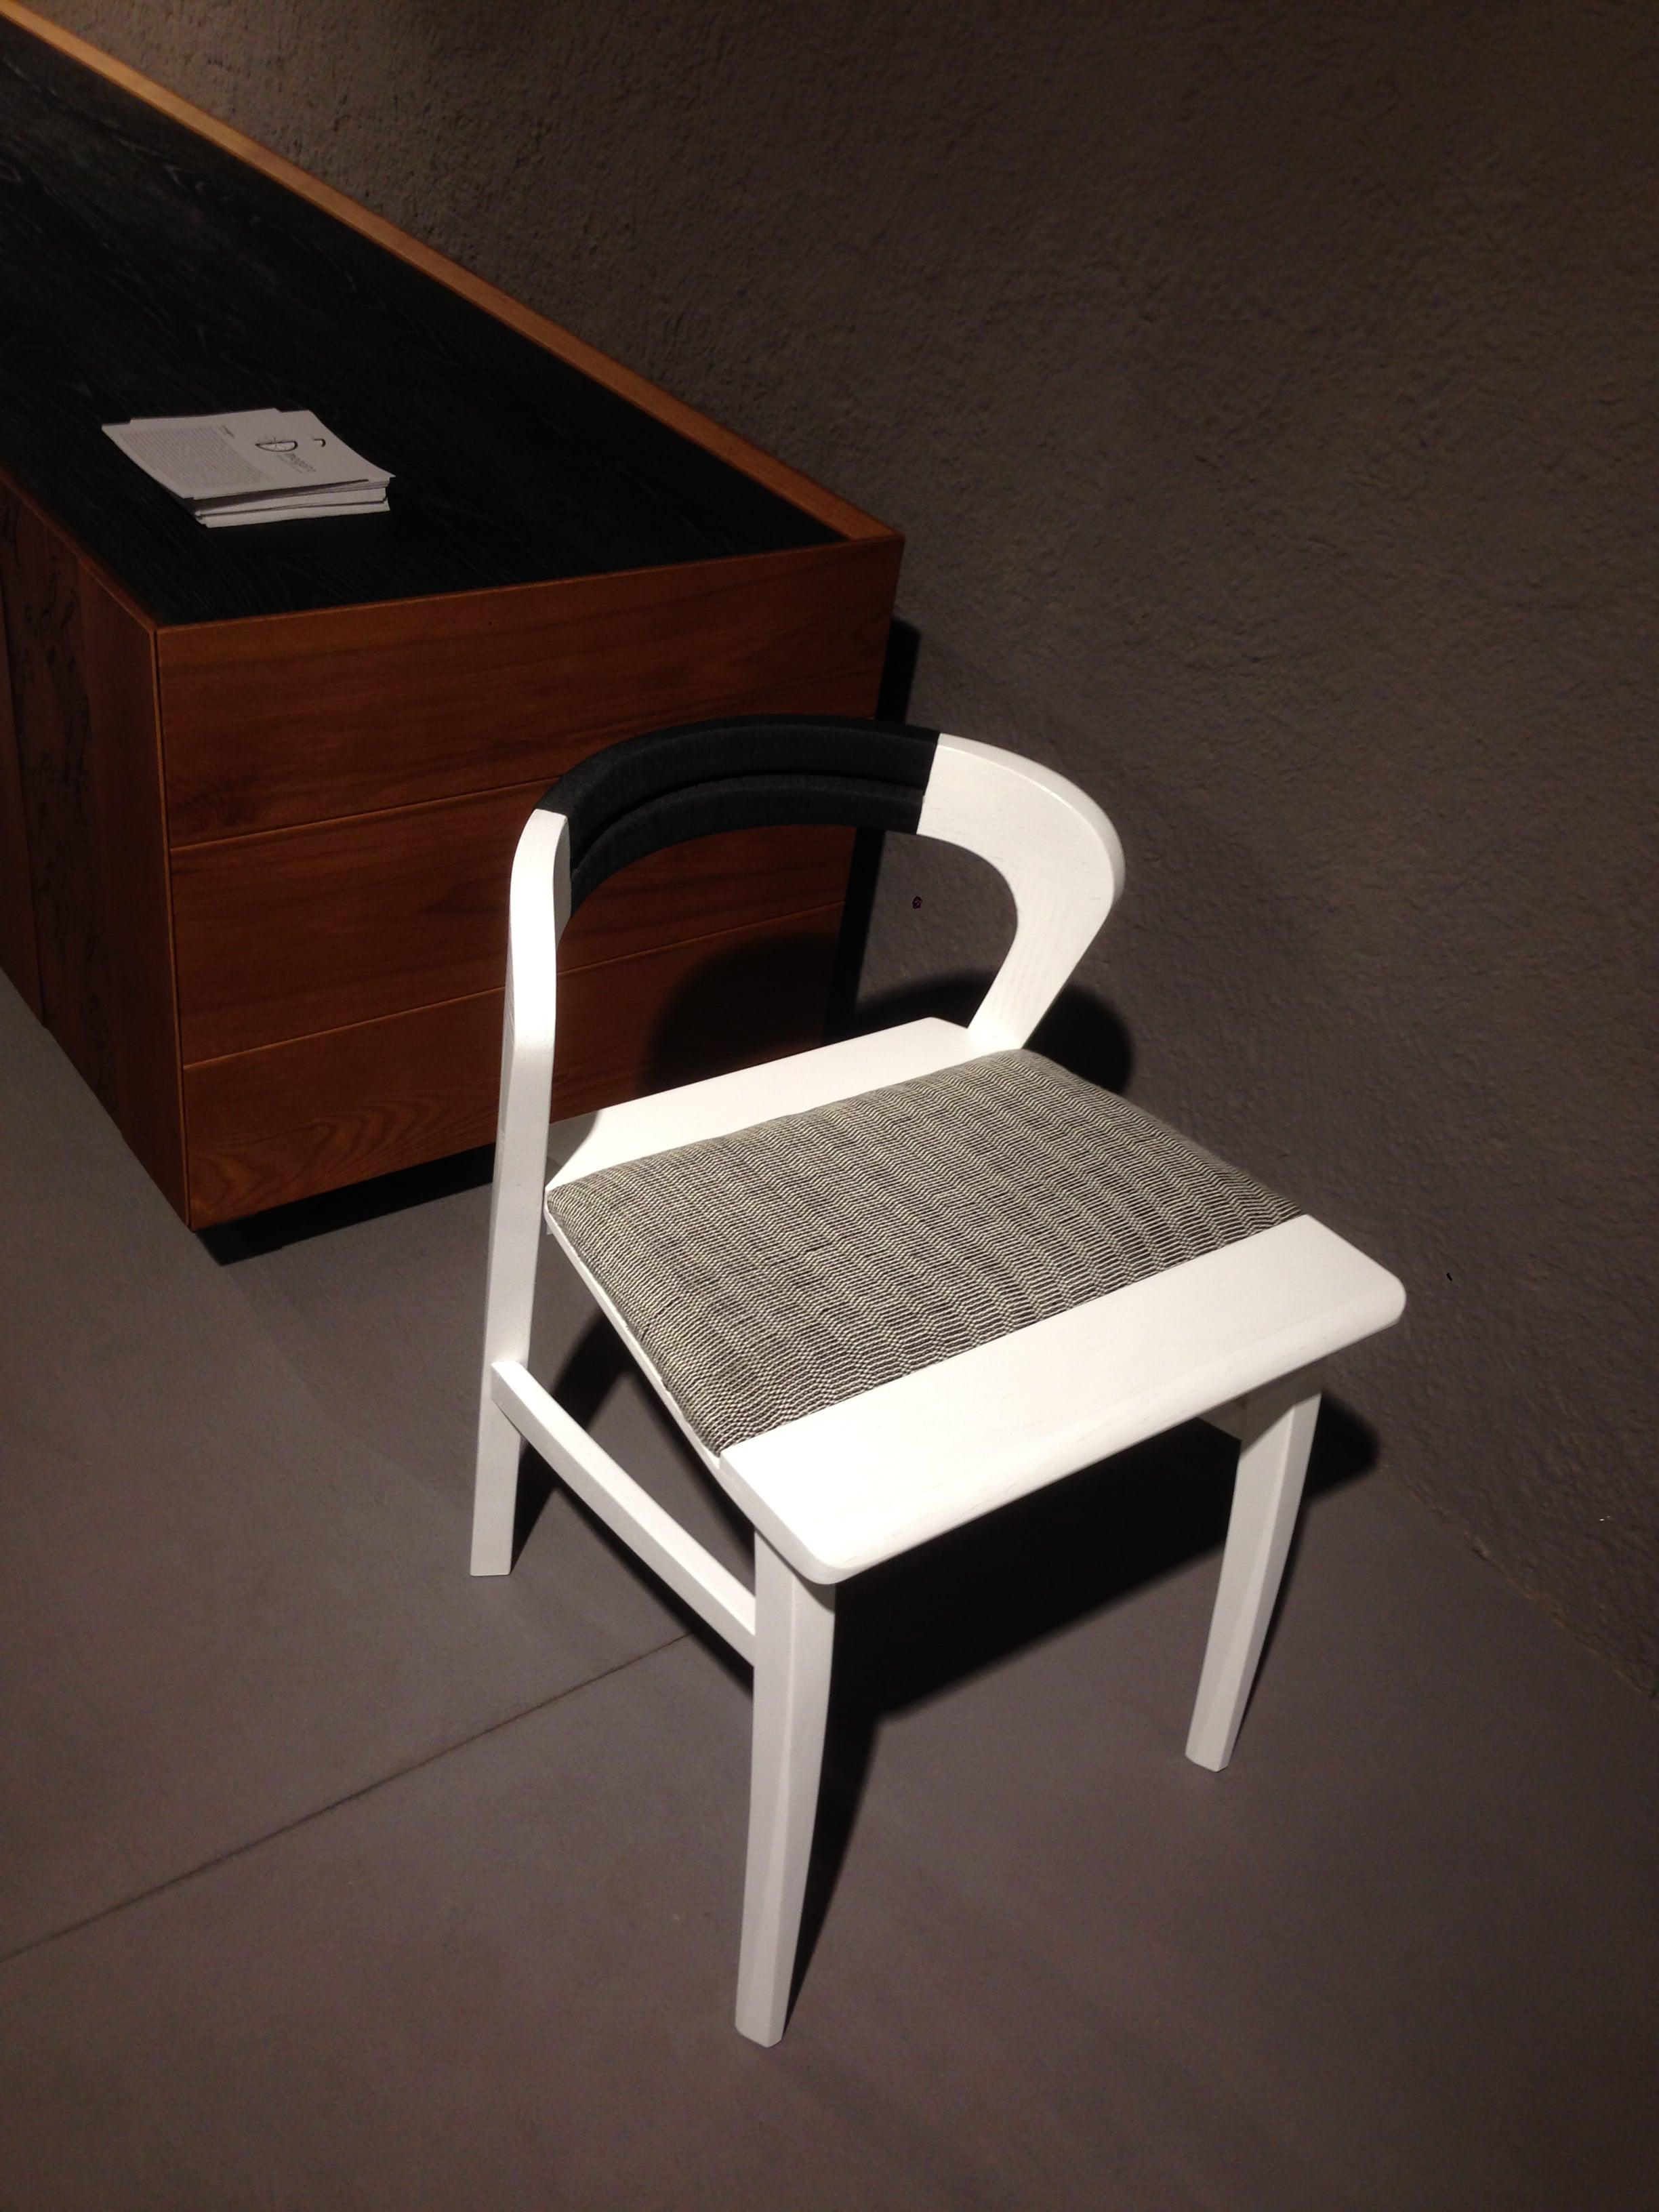 Sedia in legno frassino verniciato curvato senza braccioli. Progetto: architetto Roberto Virdis